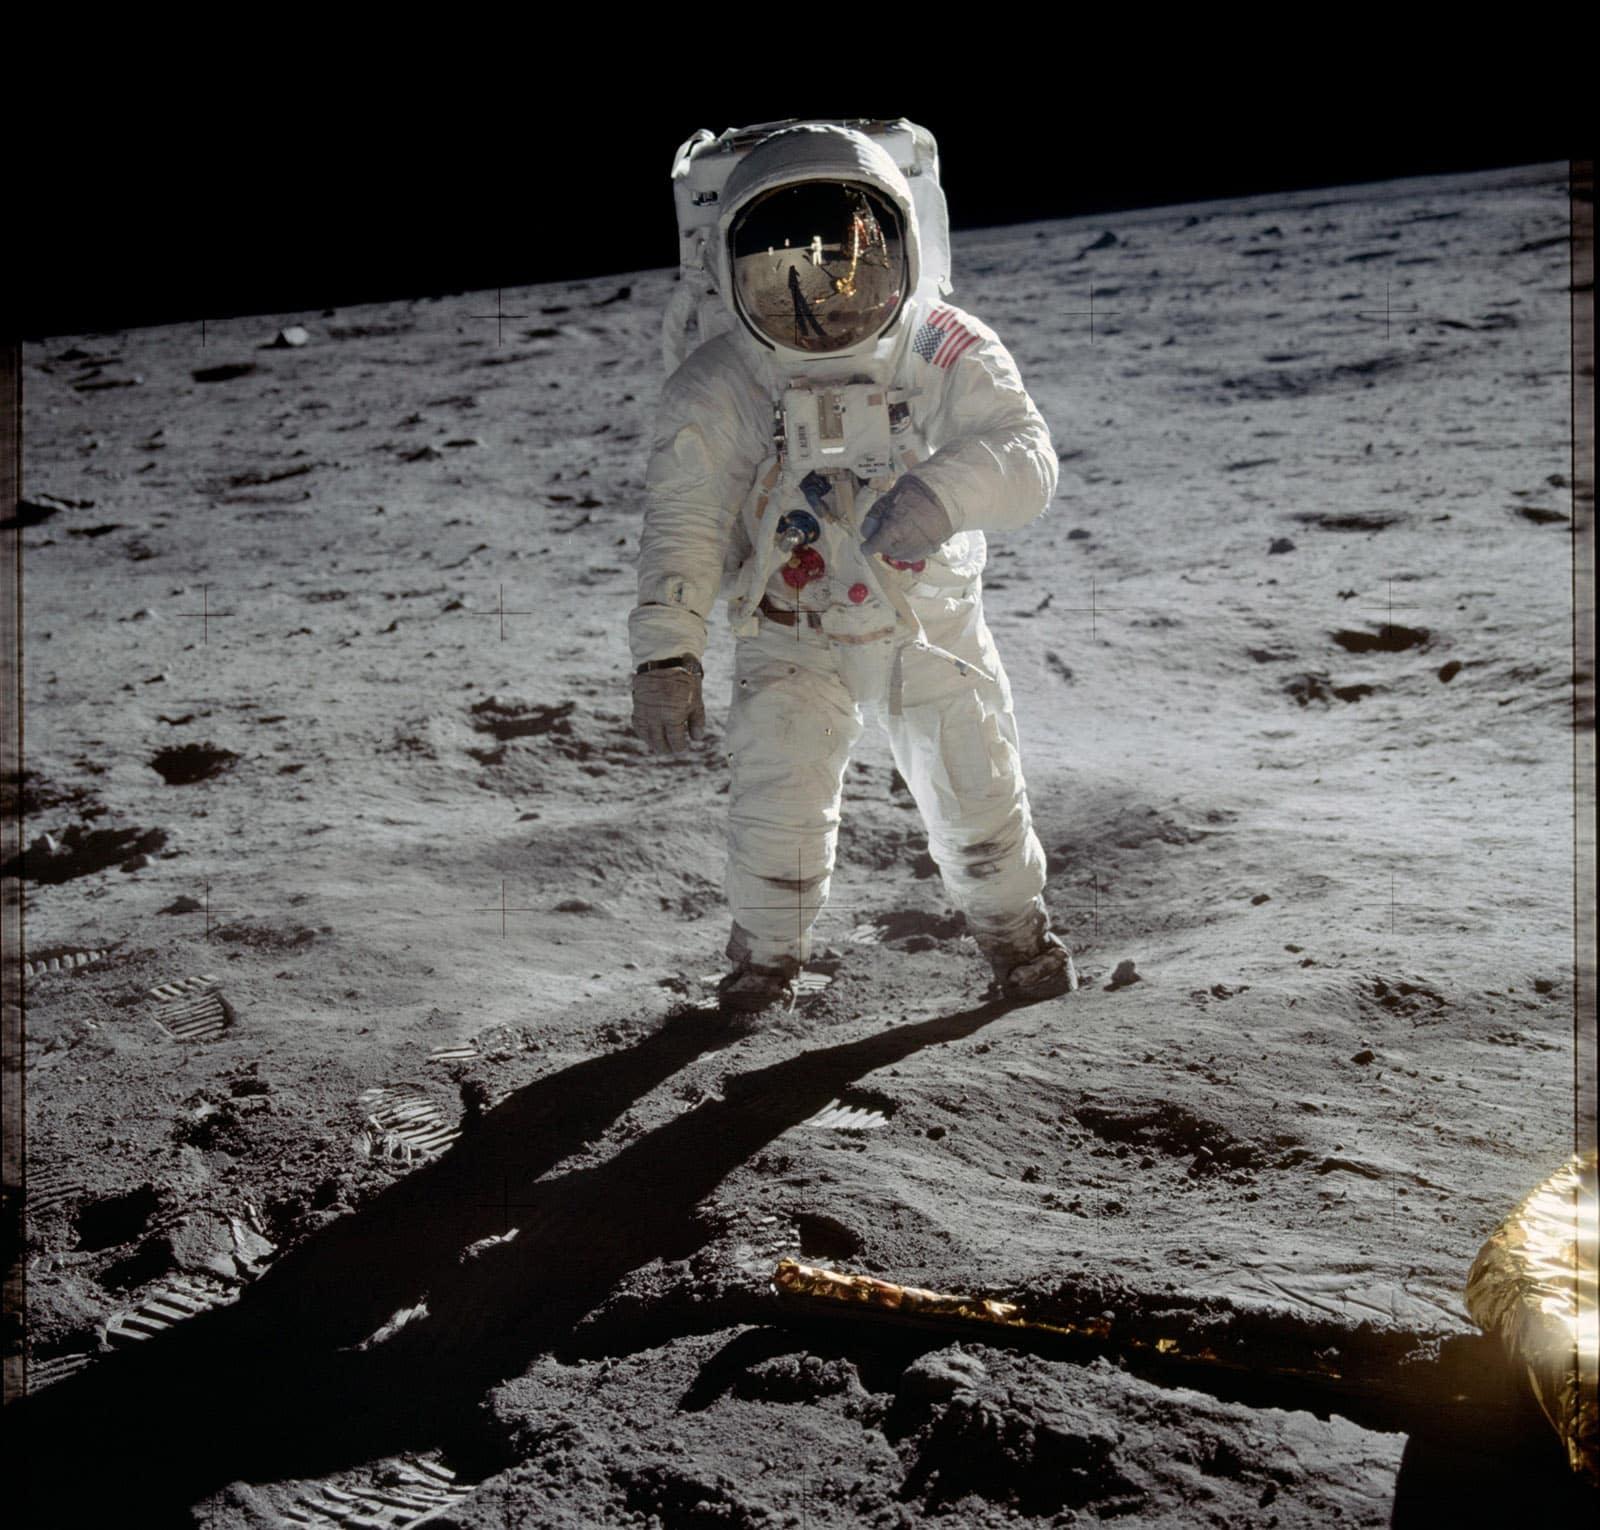 NASA/Neil Armstrong